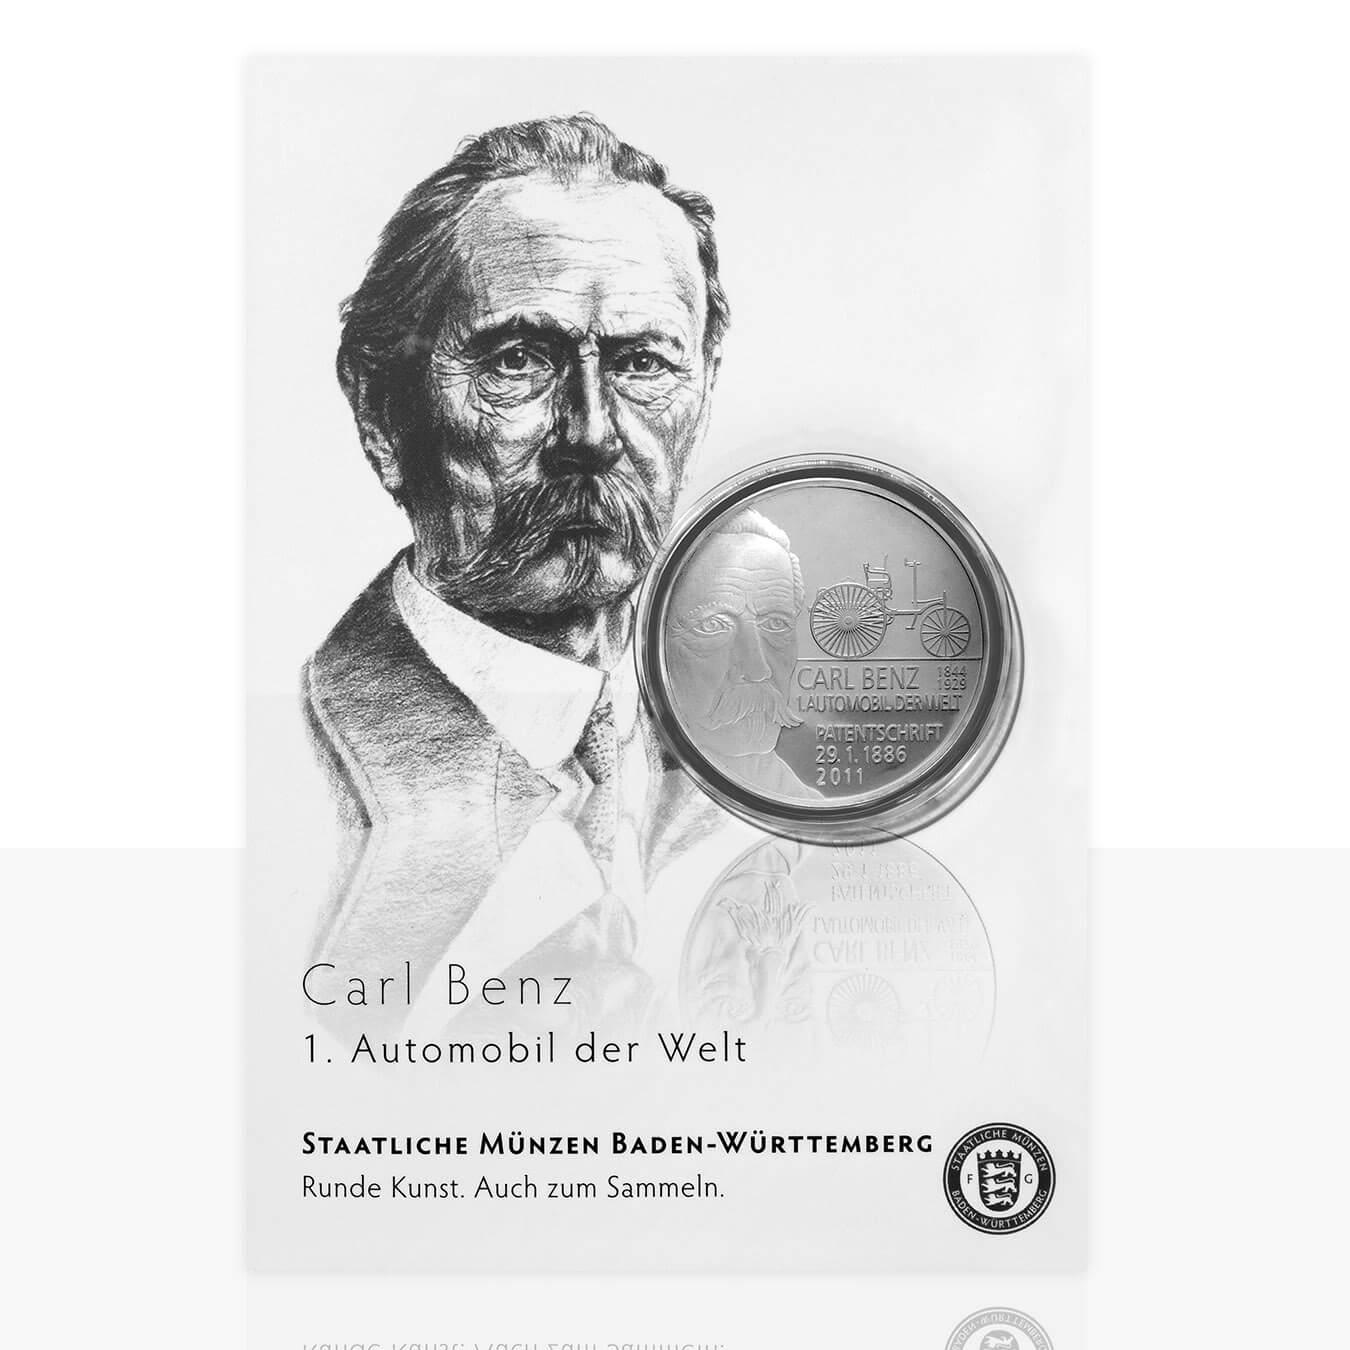 Carl Benz Und Gottlieb Daimler Versilberte Medaille In